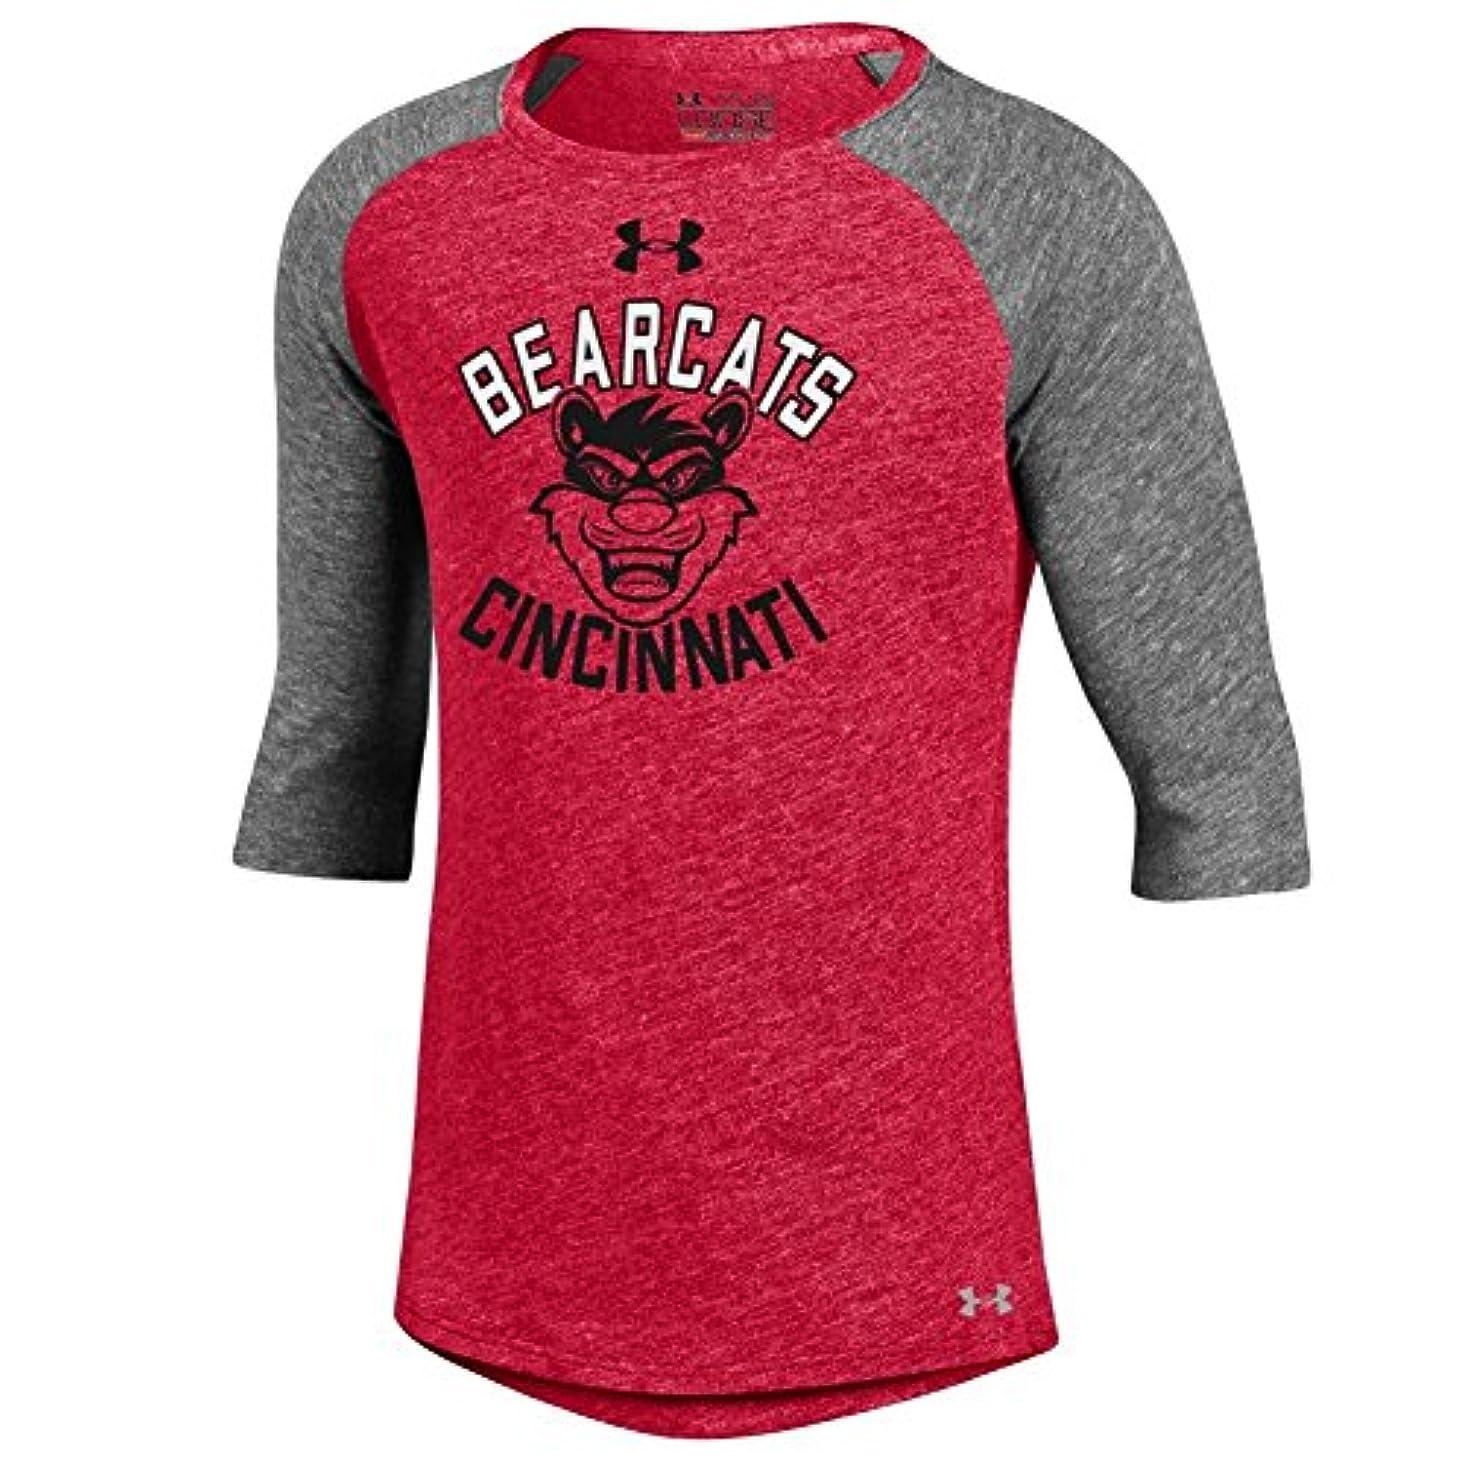 アマチュア中止します性交Under Armour Girls Cincinnati Bearcats Baseball Tee